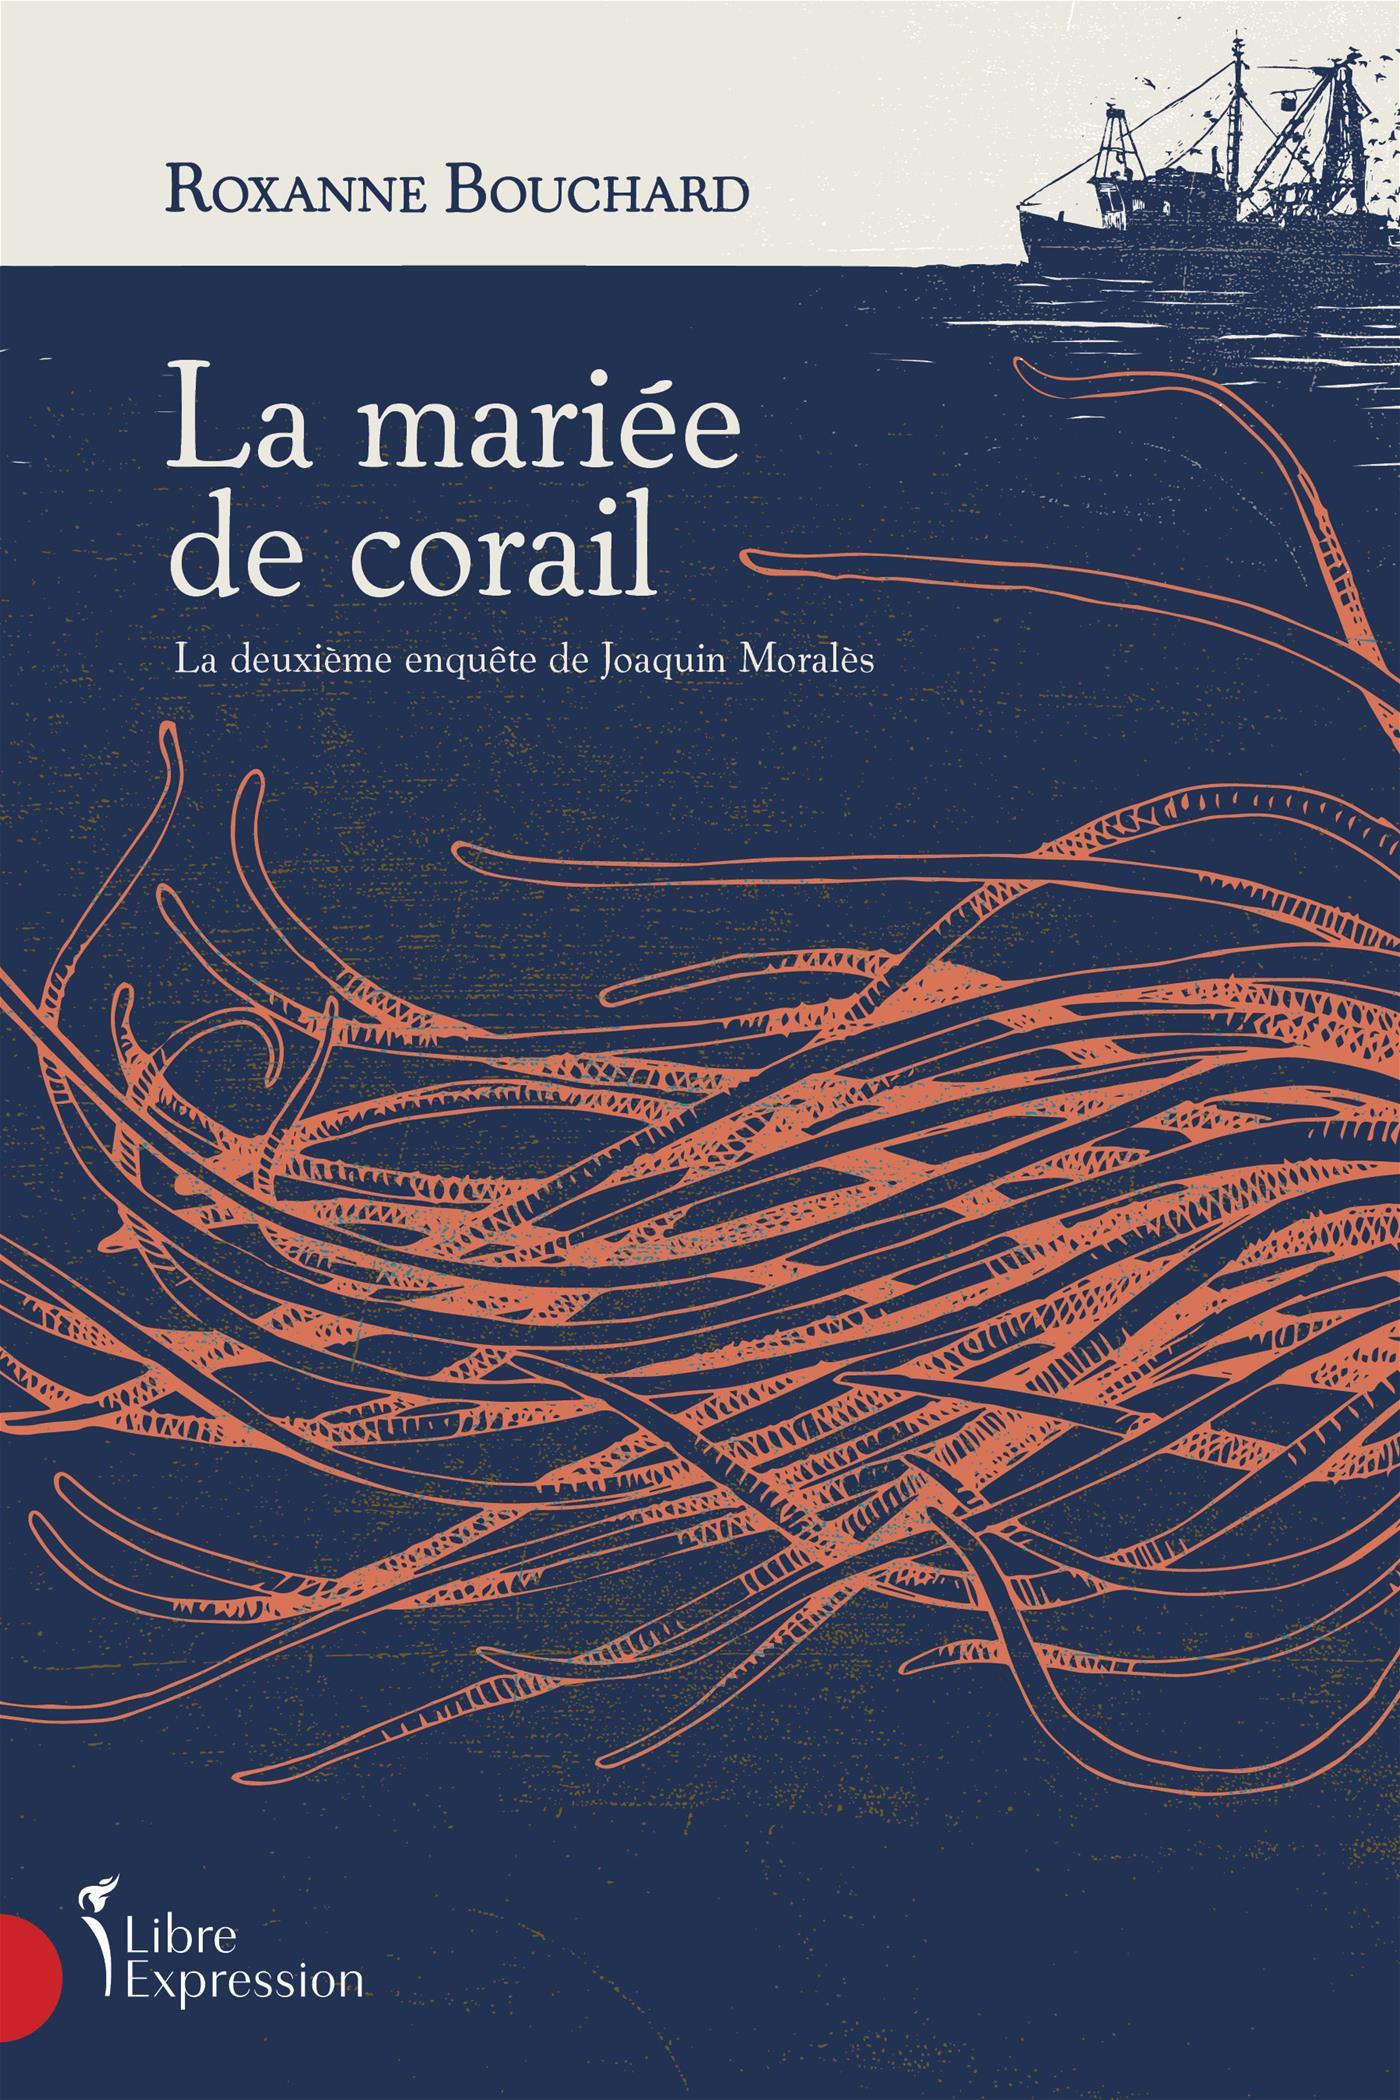 La Mariée de corail